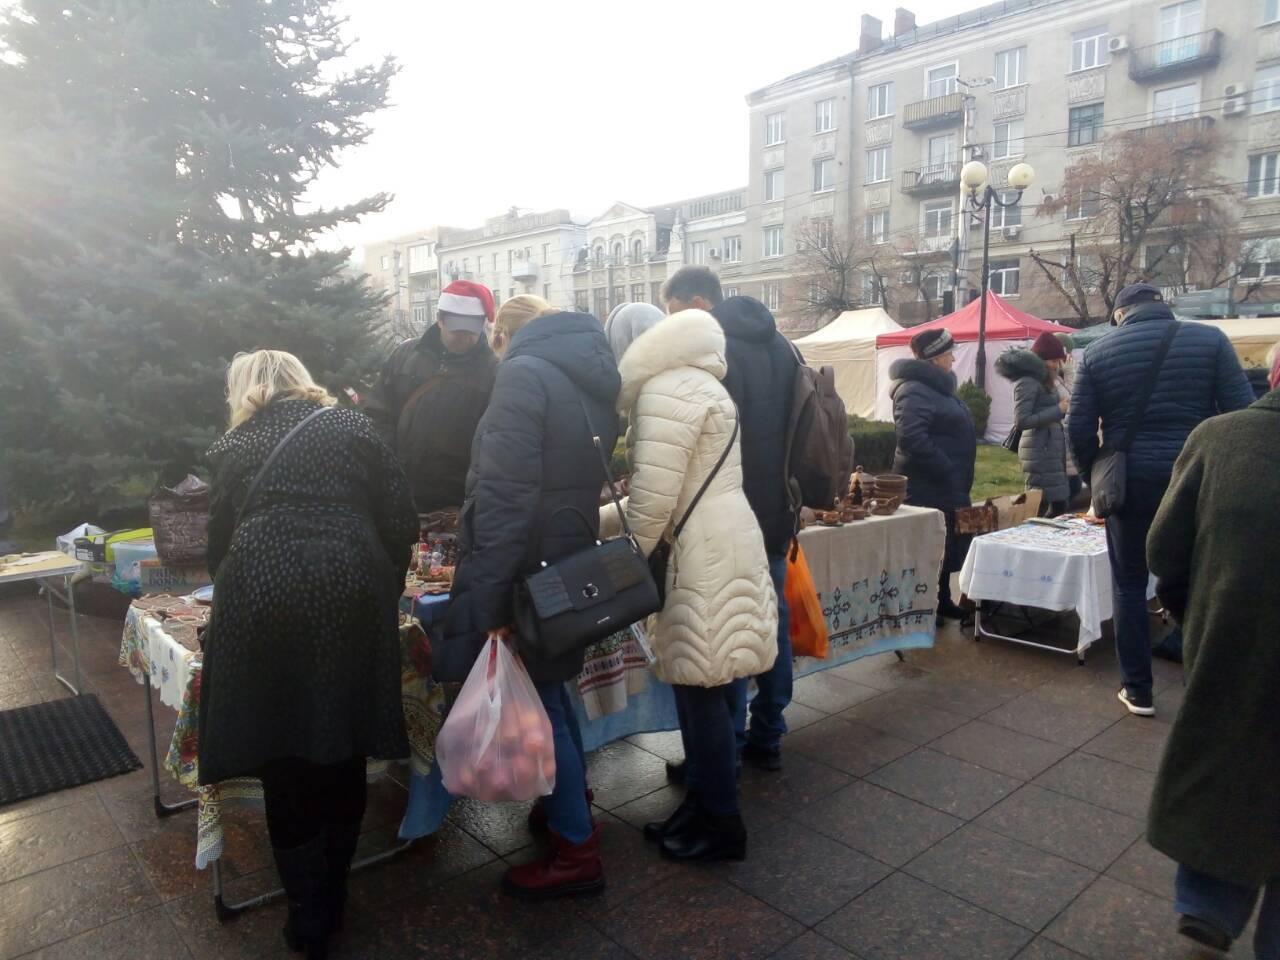 Без Купюр Ярмарок святковий, ціни - звичайні: перед міськрадою торгували продуктами та сувенірами. ФОТО Події  ярмарок ціни Кропивницький